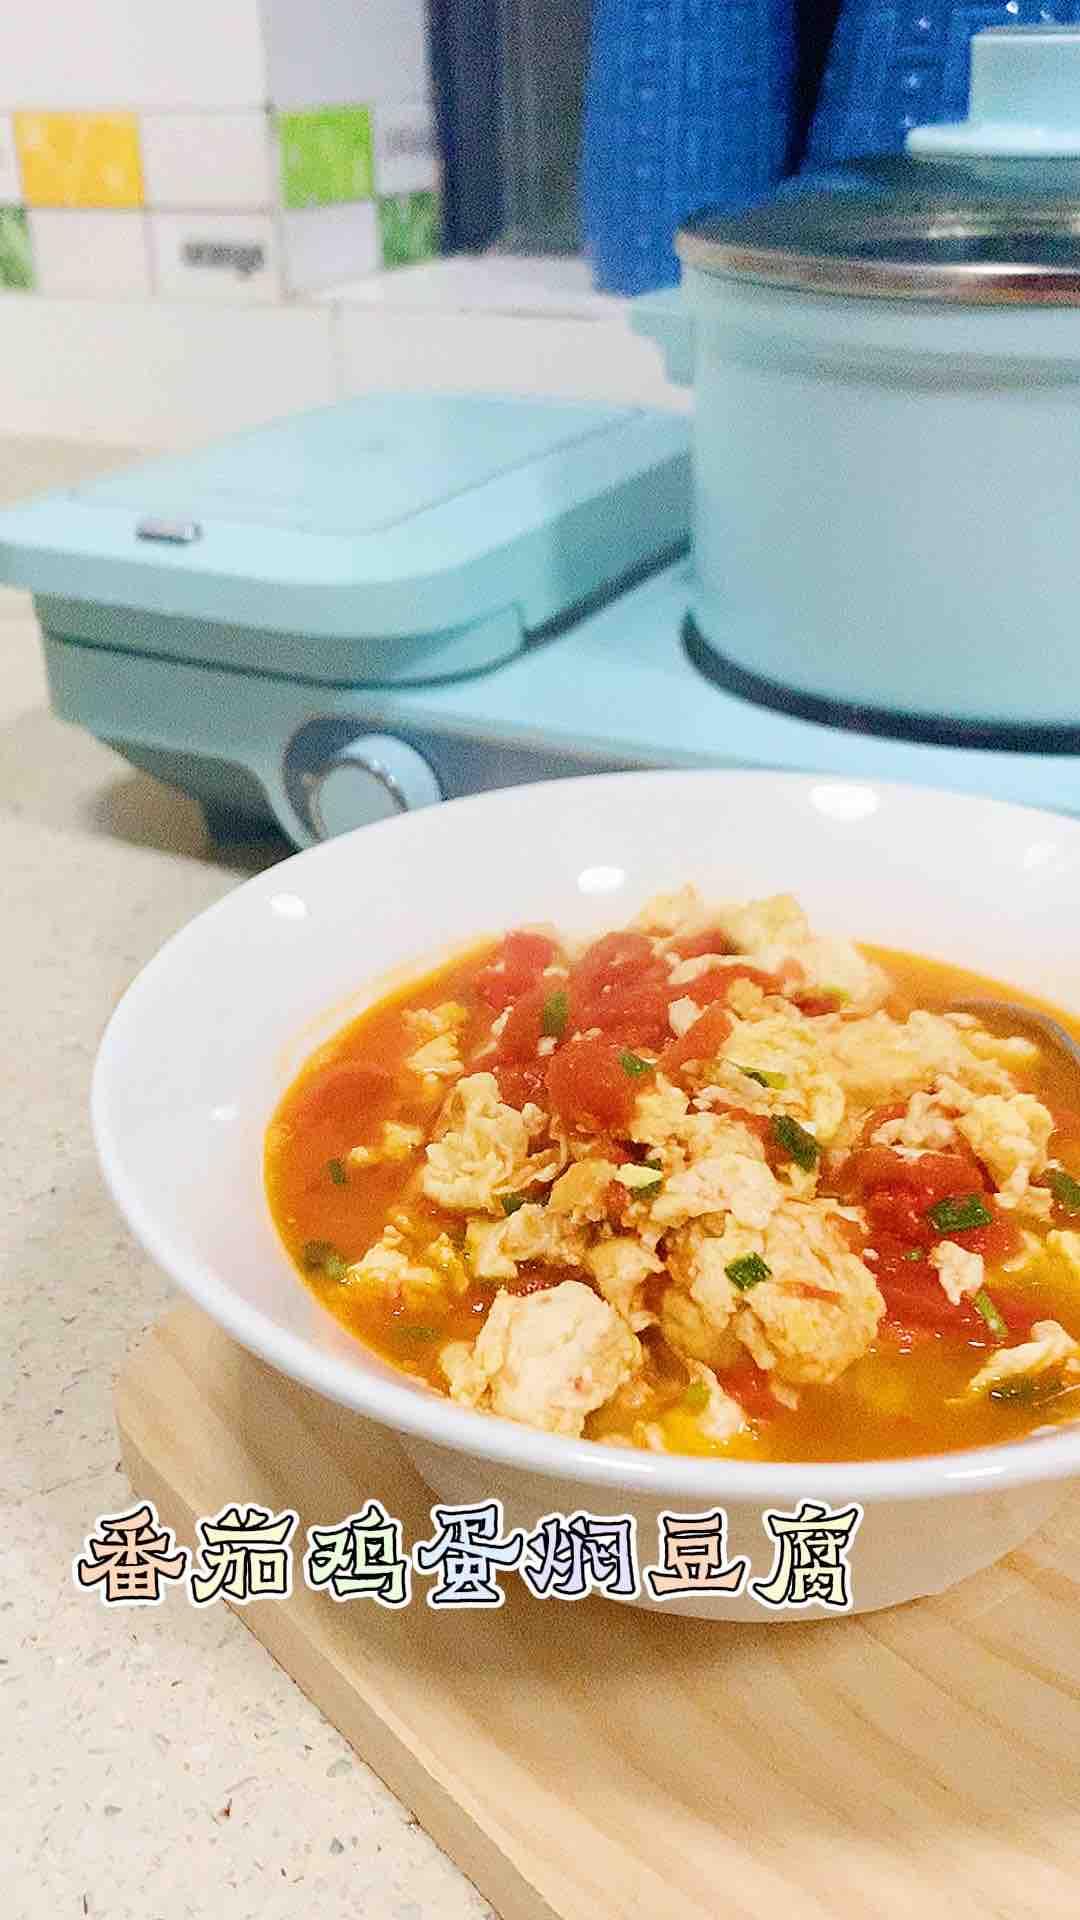 番茄鸡蛋烩豆腐。怎么煮